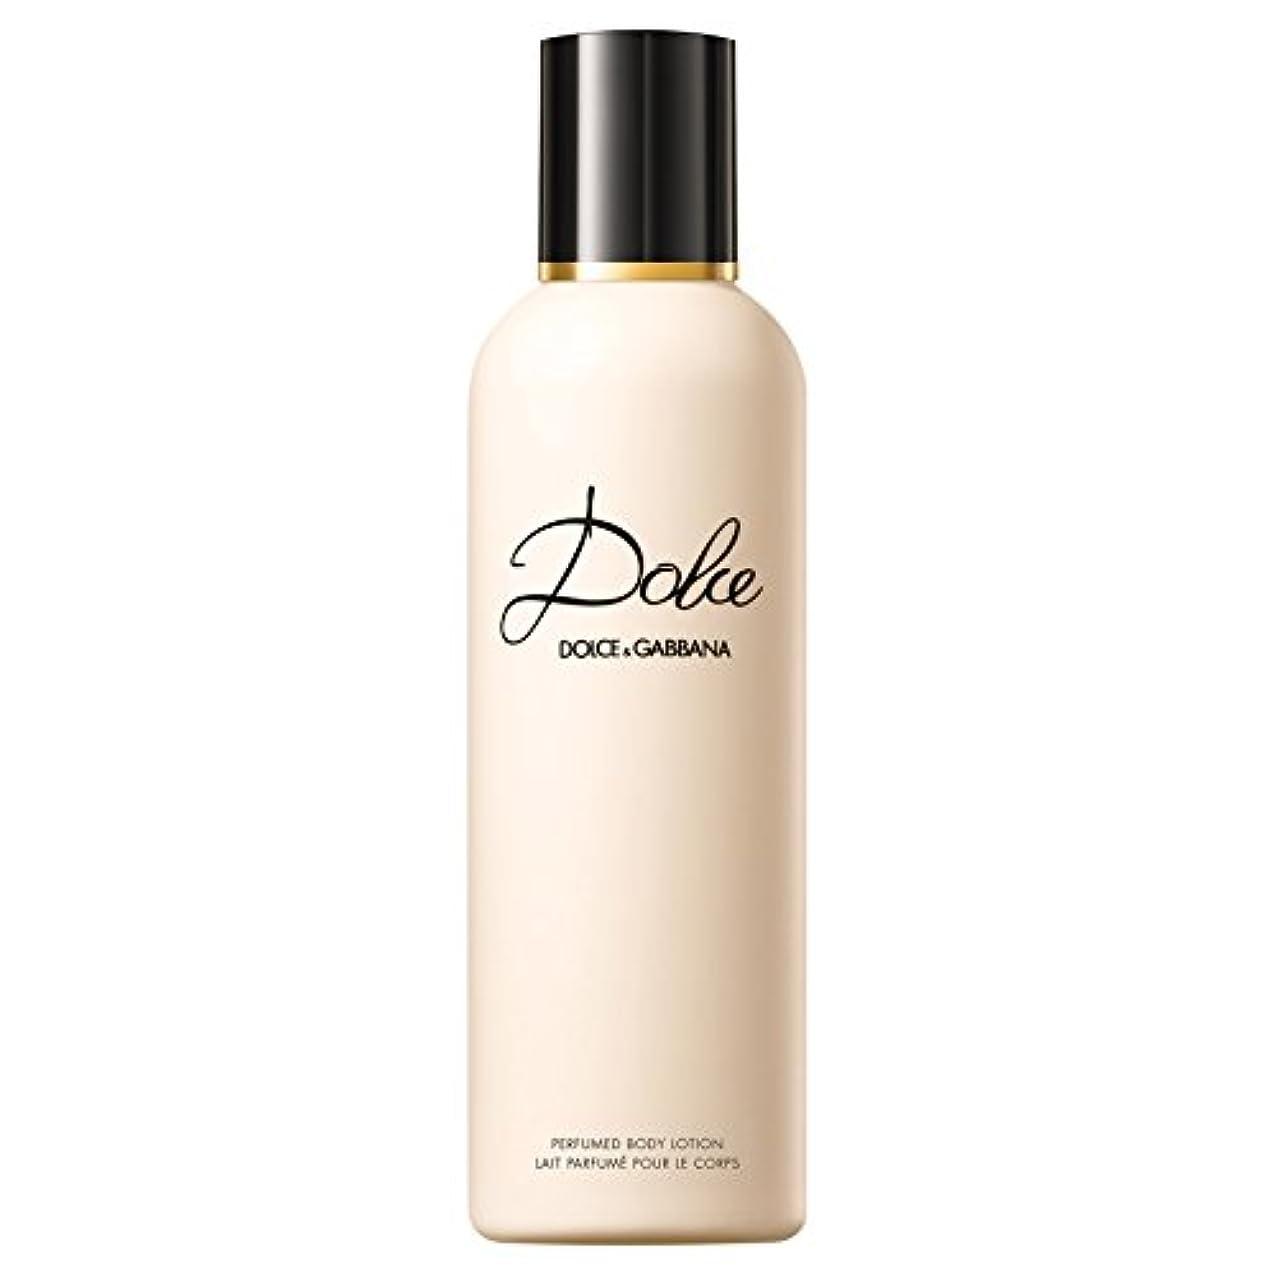 チャンバー電気的淡いドルチェ&ガッバーナドルチェのボディローション200ミリリットル (Dolce & Gabbana) - Dolce & Gabbana Dolce Body Lotion 200ml [並行輸入品]